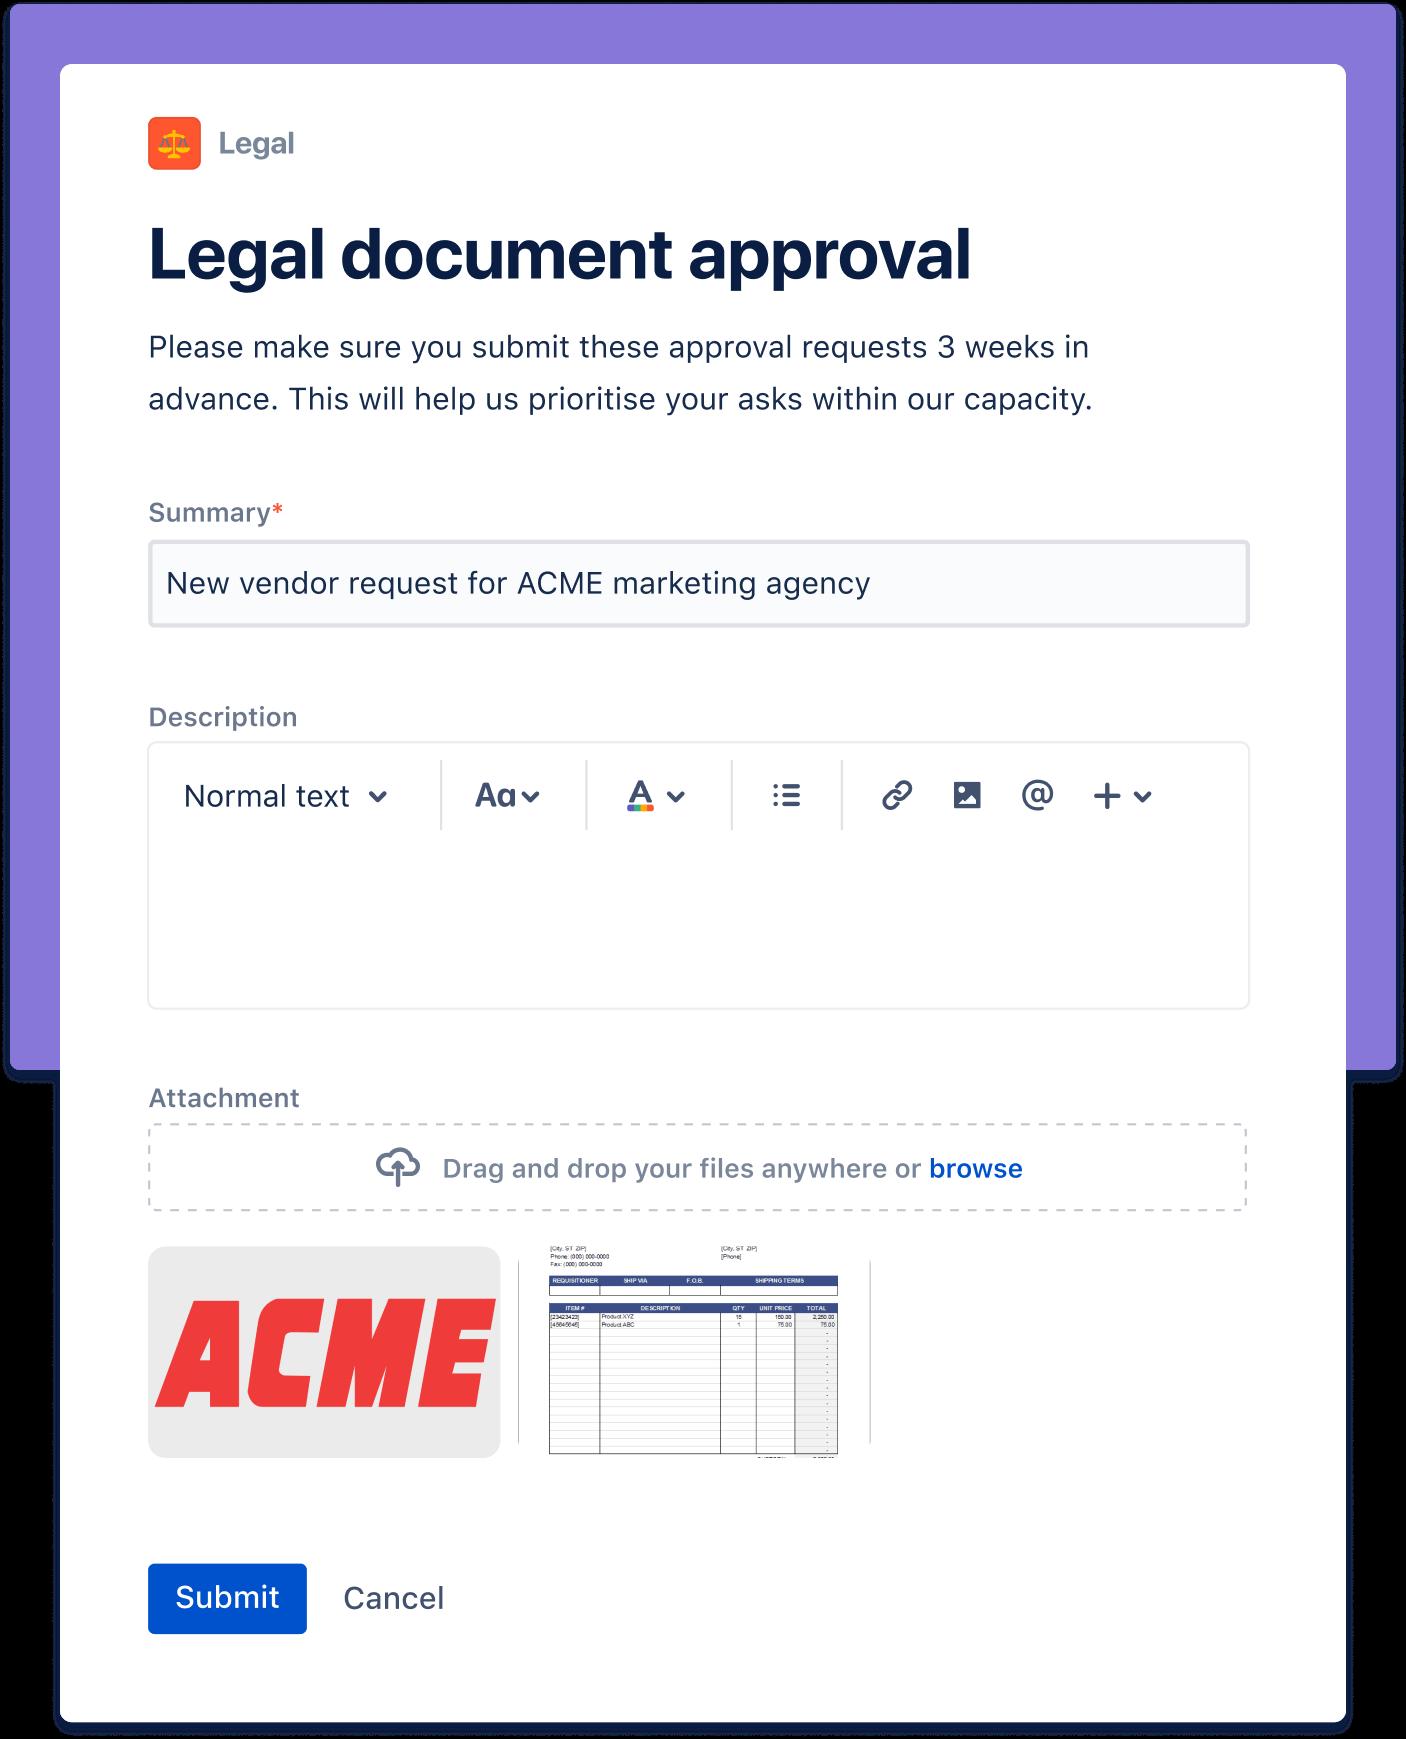 법무 문서 승인 스크린샷